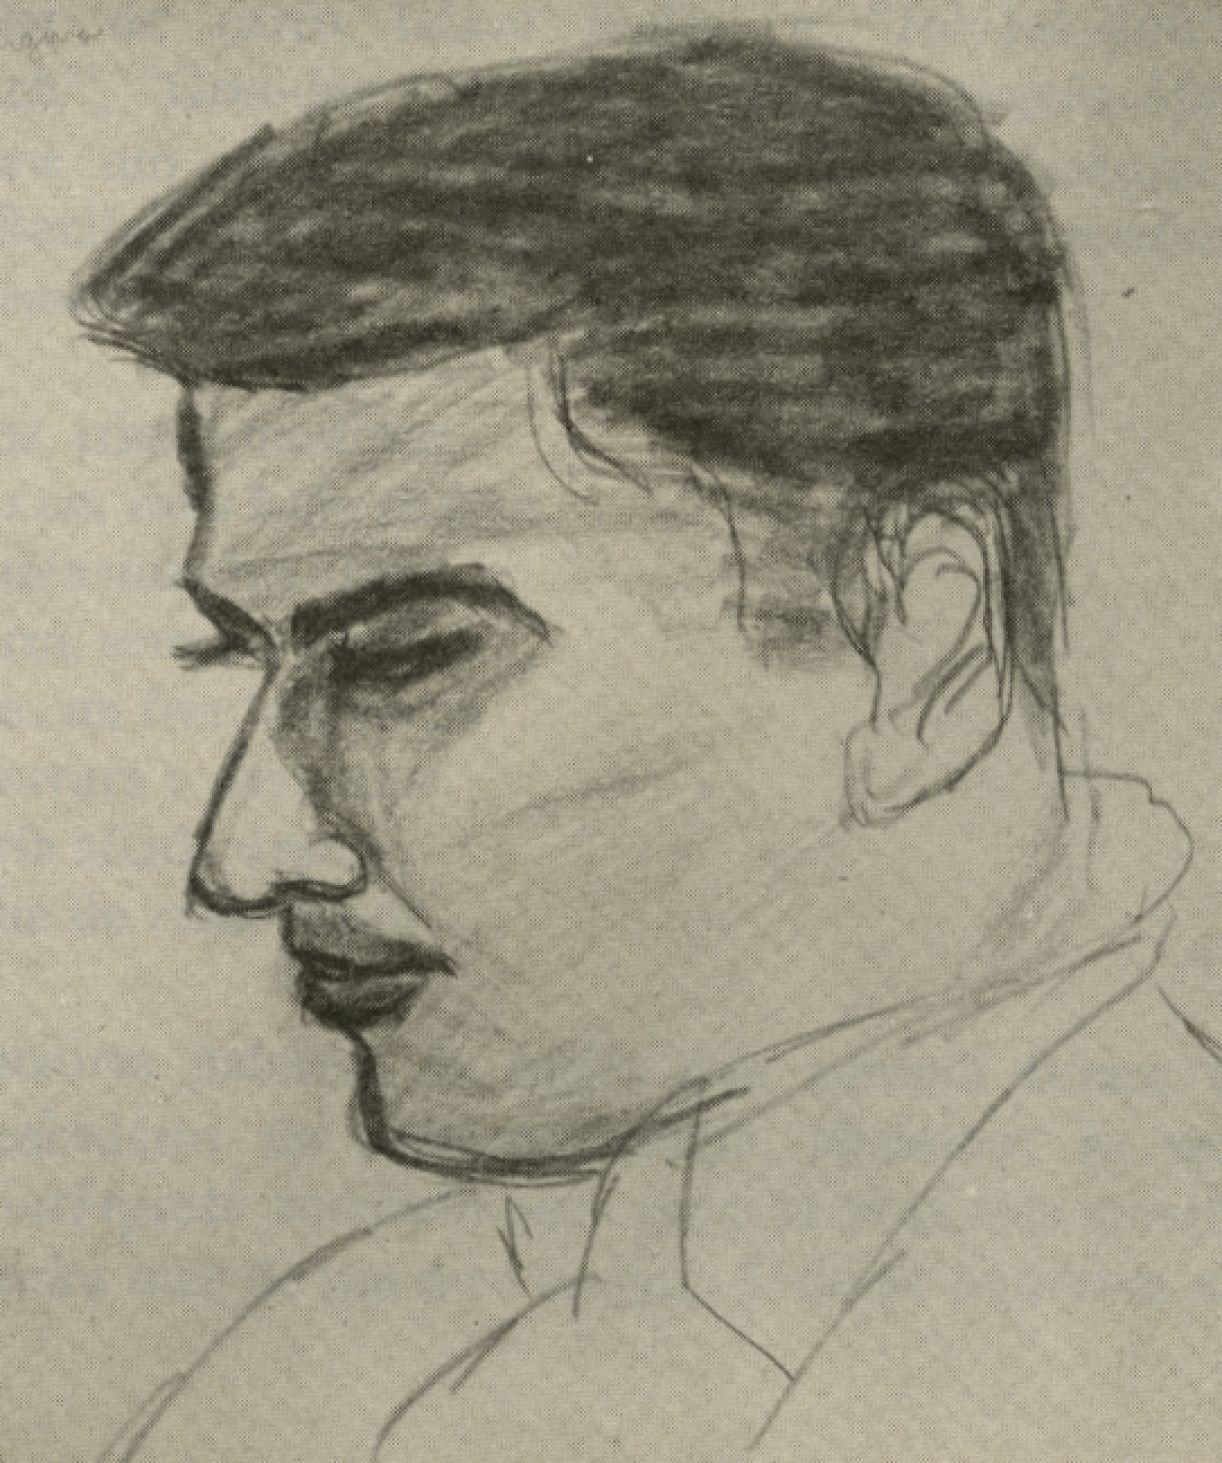 'Retrato de José Cláudio', lápis 'conté' sobre papel de açougue, 1952 ('Memória do Atelier Coletivo', 1958)